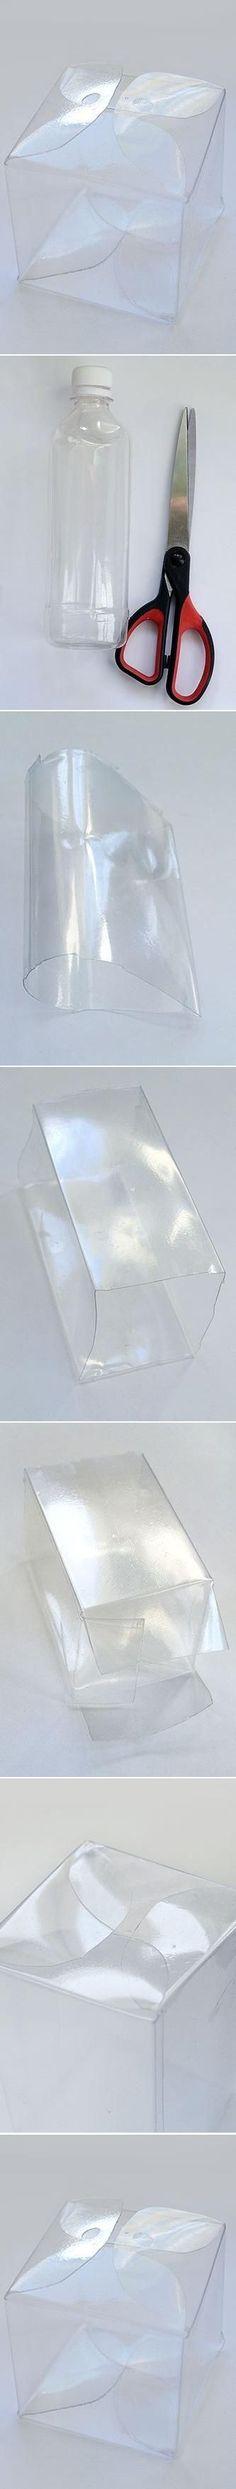 Plastikowe pudełeczko zrobione z butelki - zrób to sam